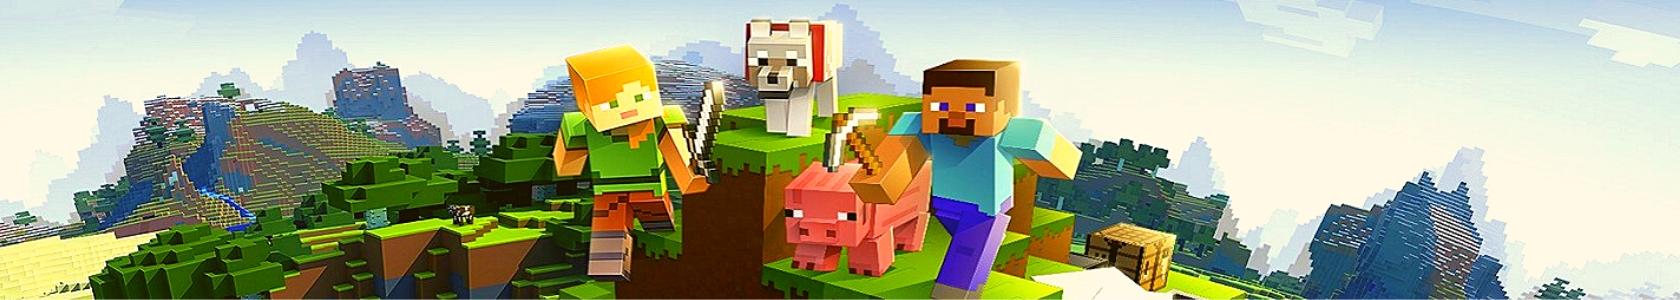 Minecraft - Test und Erfahrungsbericht